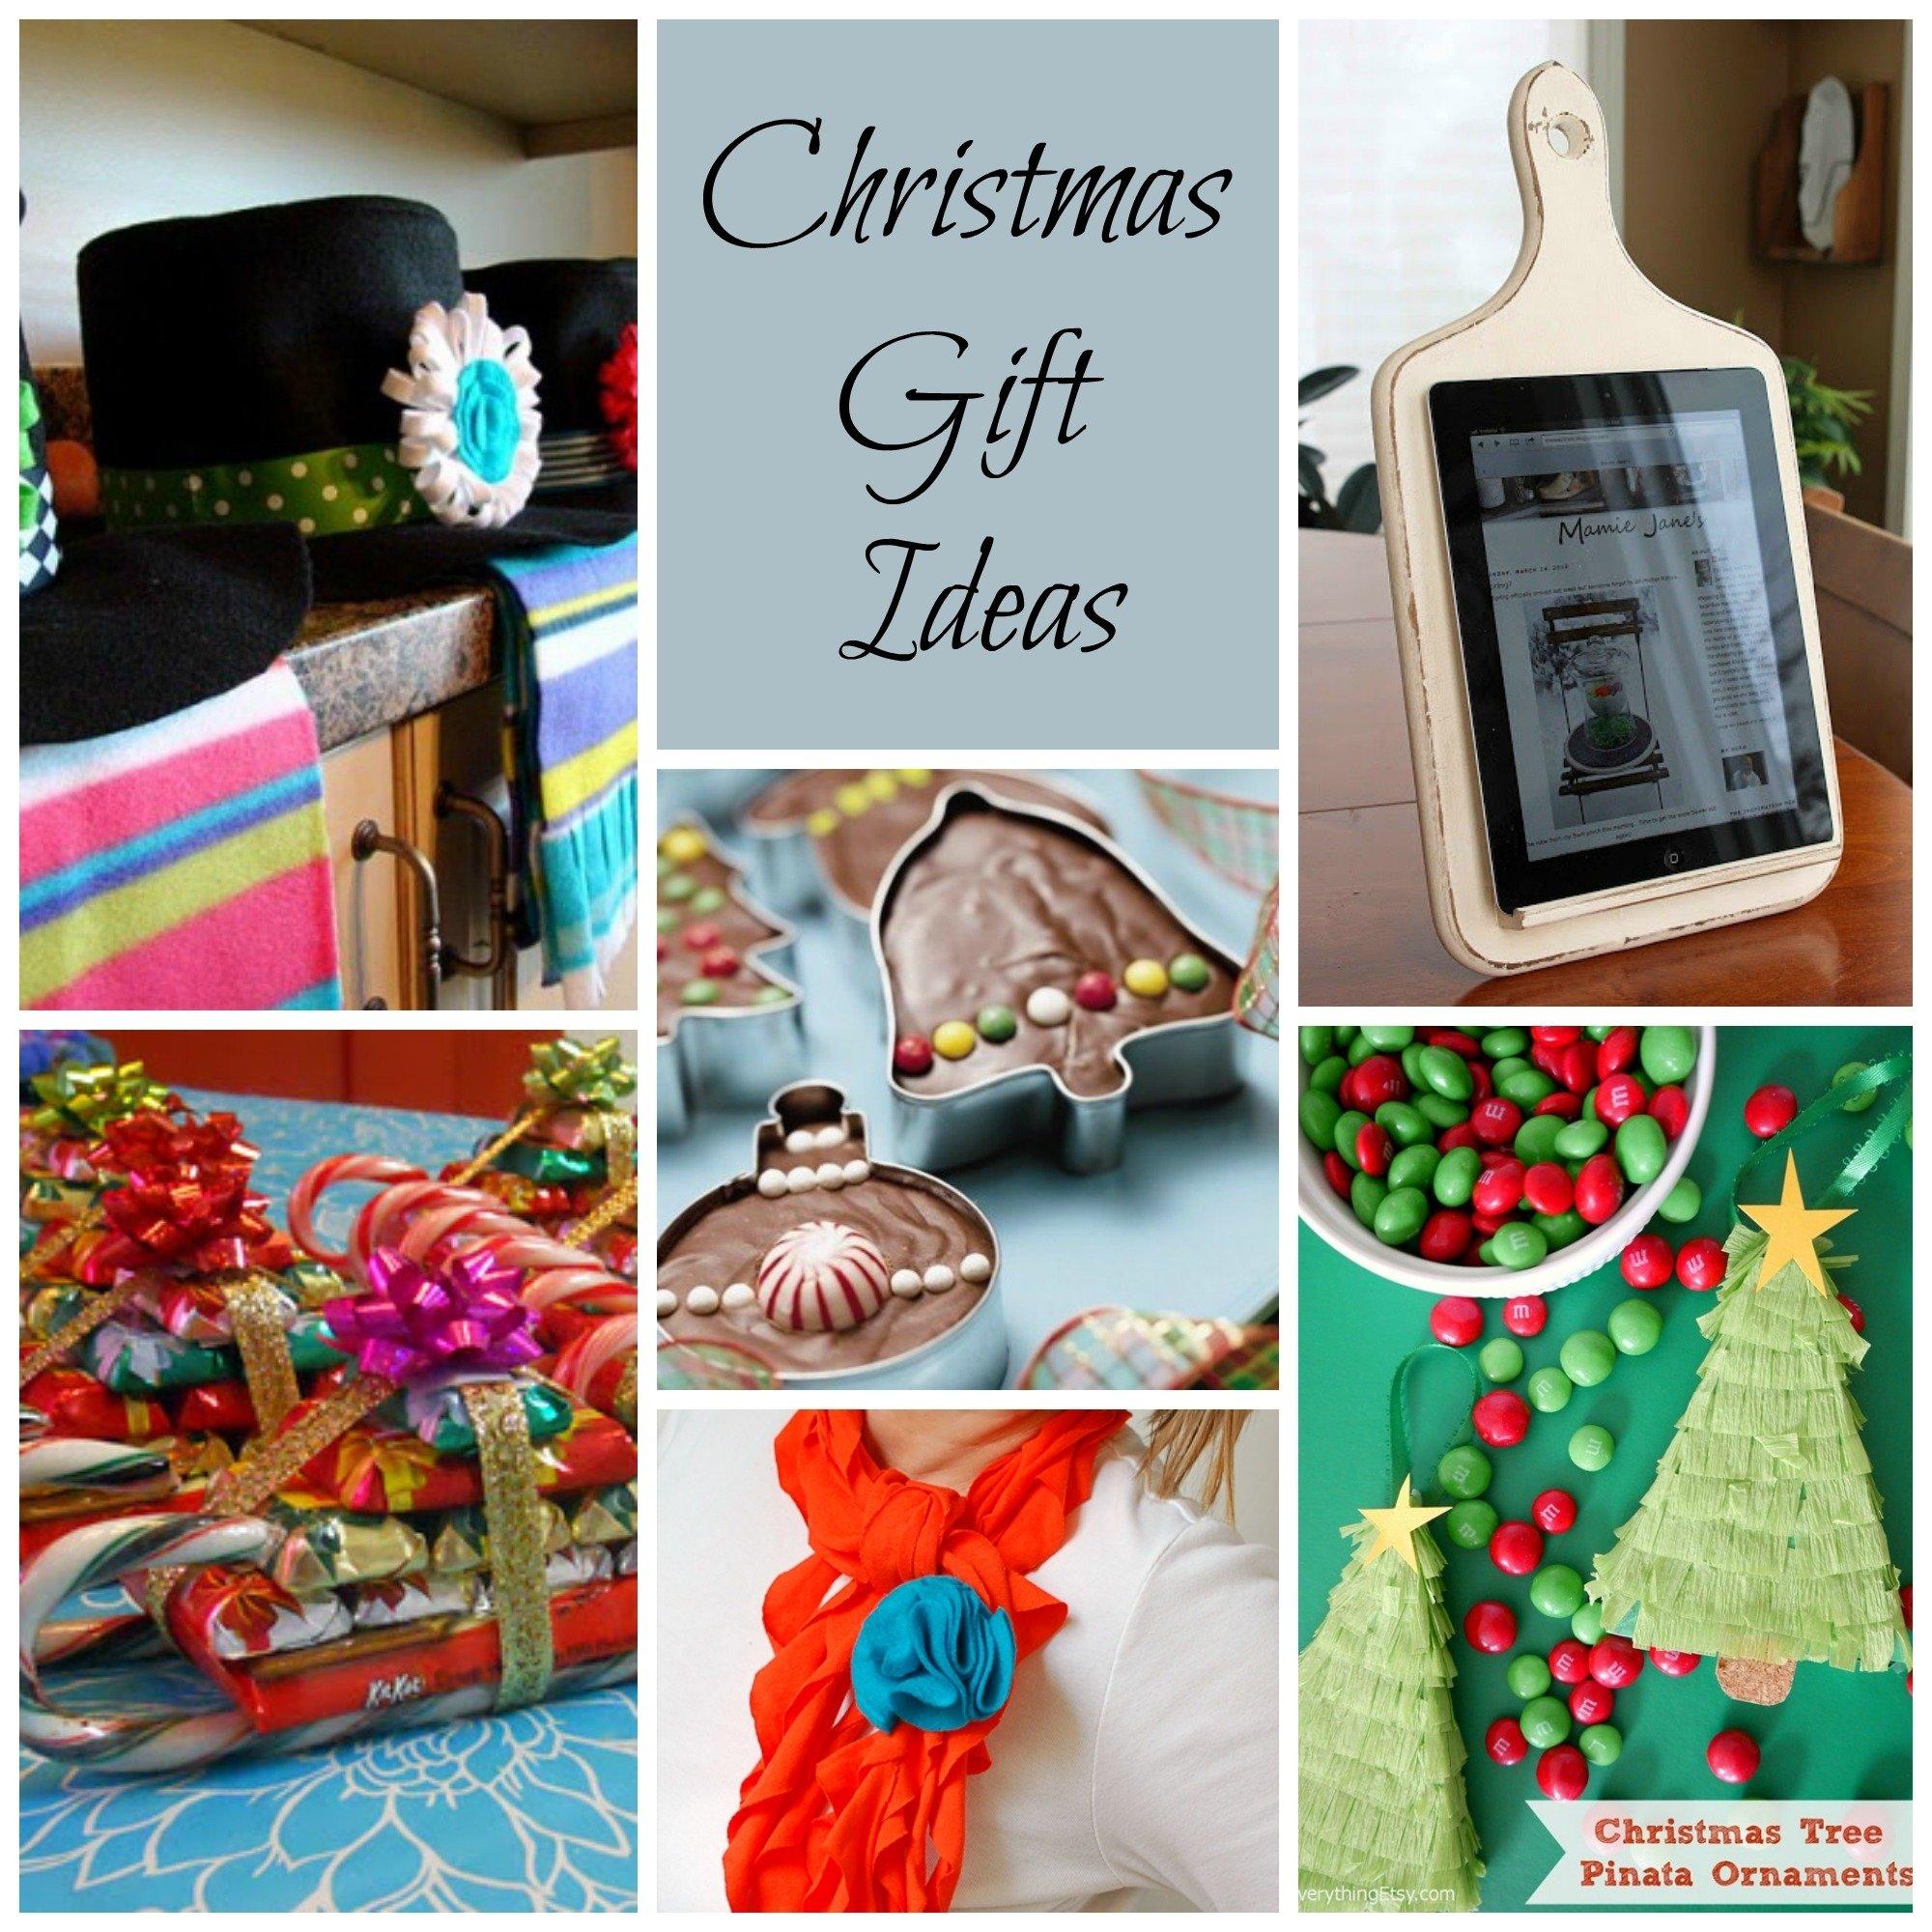 10 Pretty Cute Christmas Ideas For Friends cheap christmas gifts for family frugal christmas gift ideas saving 3 2021